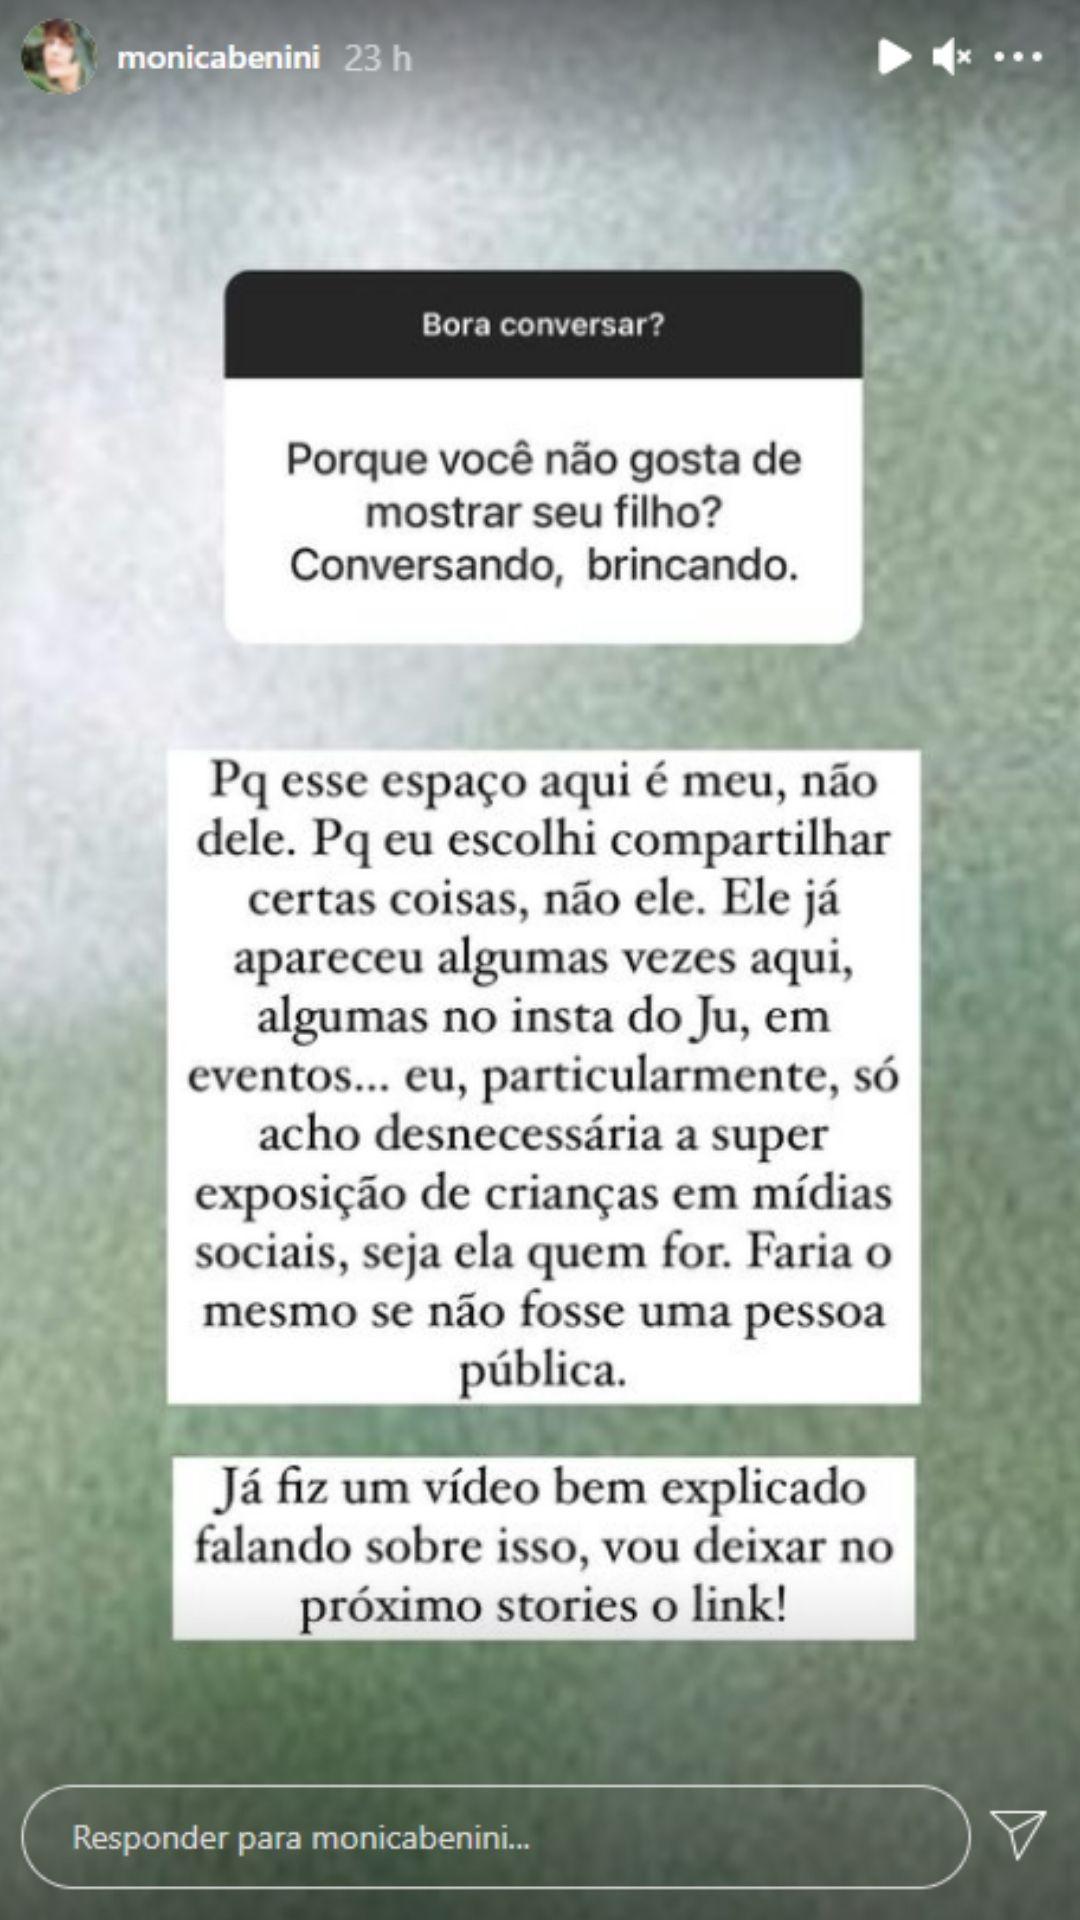 Grávida, Mônica Benini fala sobre a superexposição de crianças na web. Foto: Reprodução/Instagram